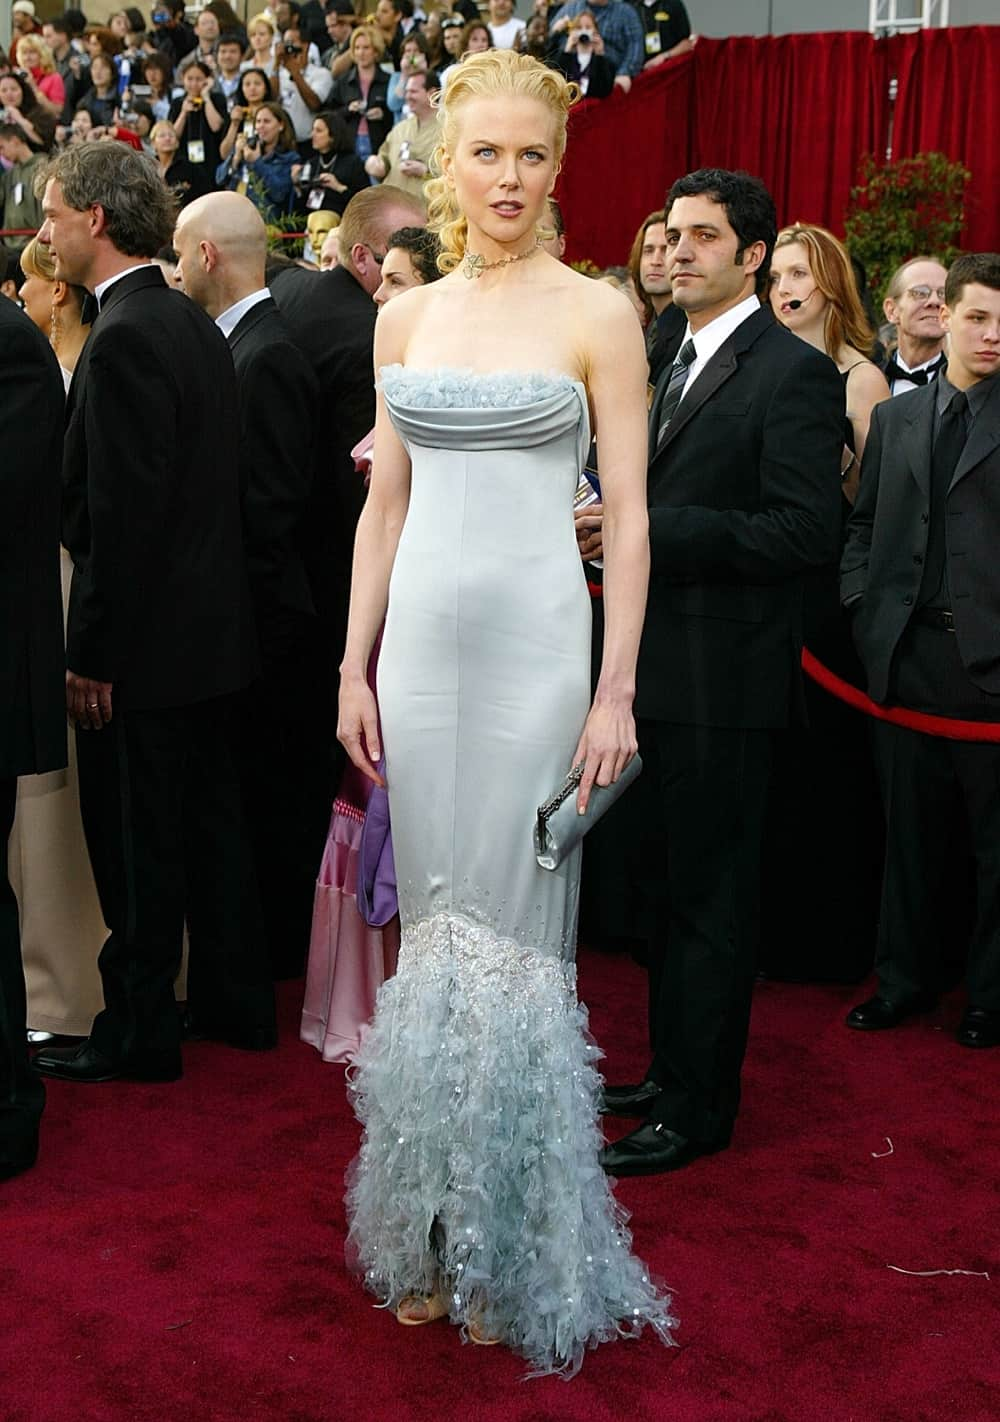 Nicole Kidman 76th Annual Academy Awards - Arrivals